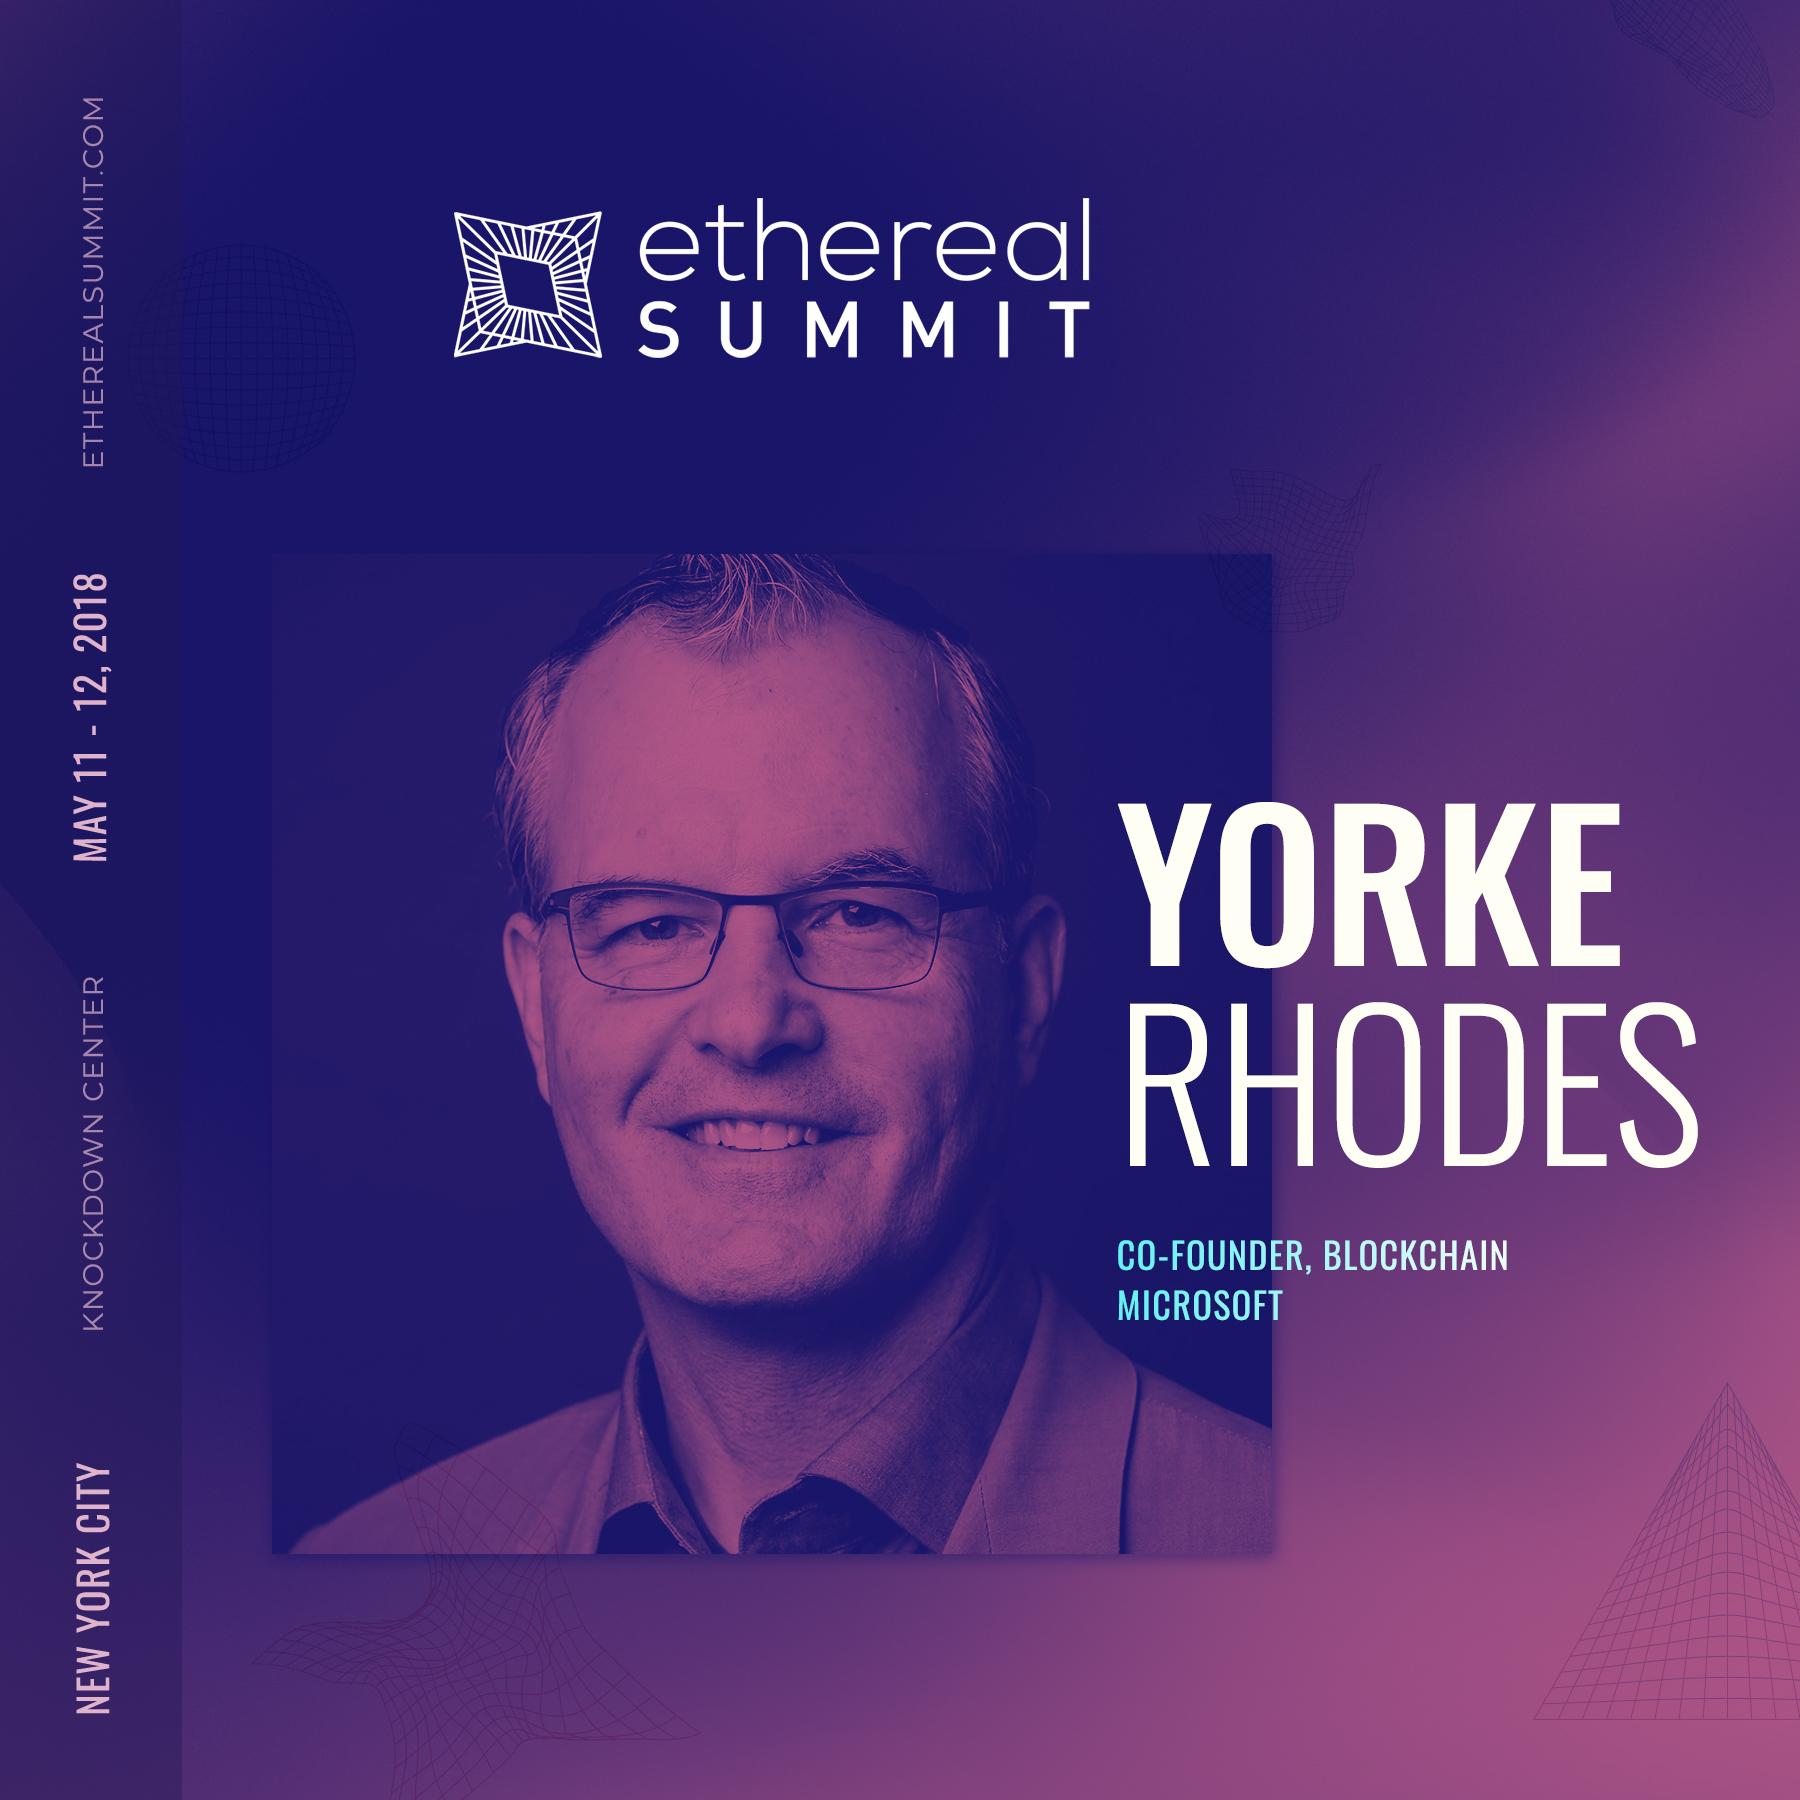 Yorke Rhodes